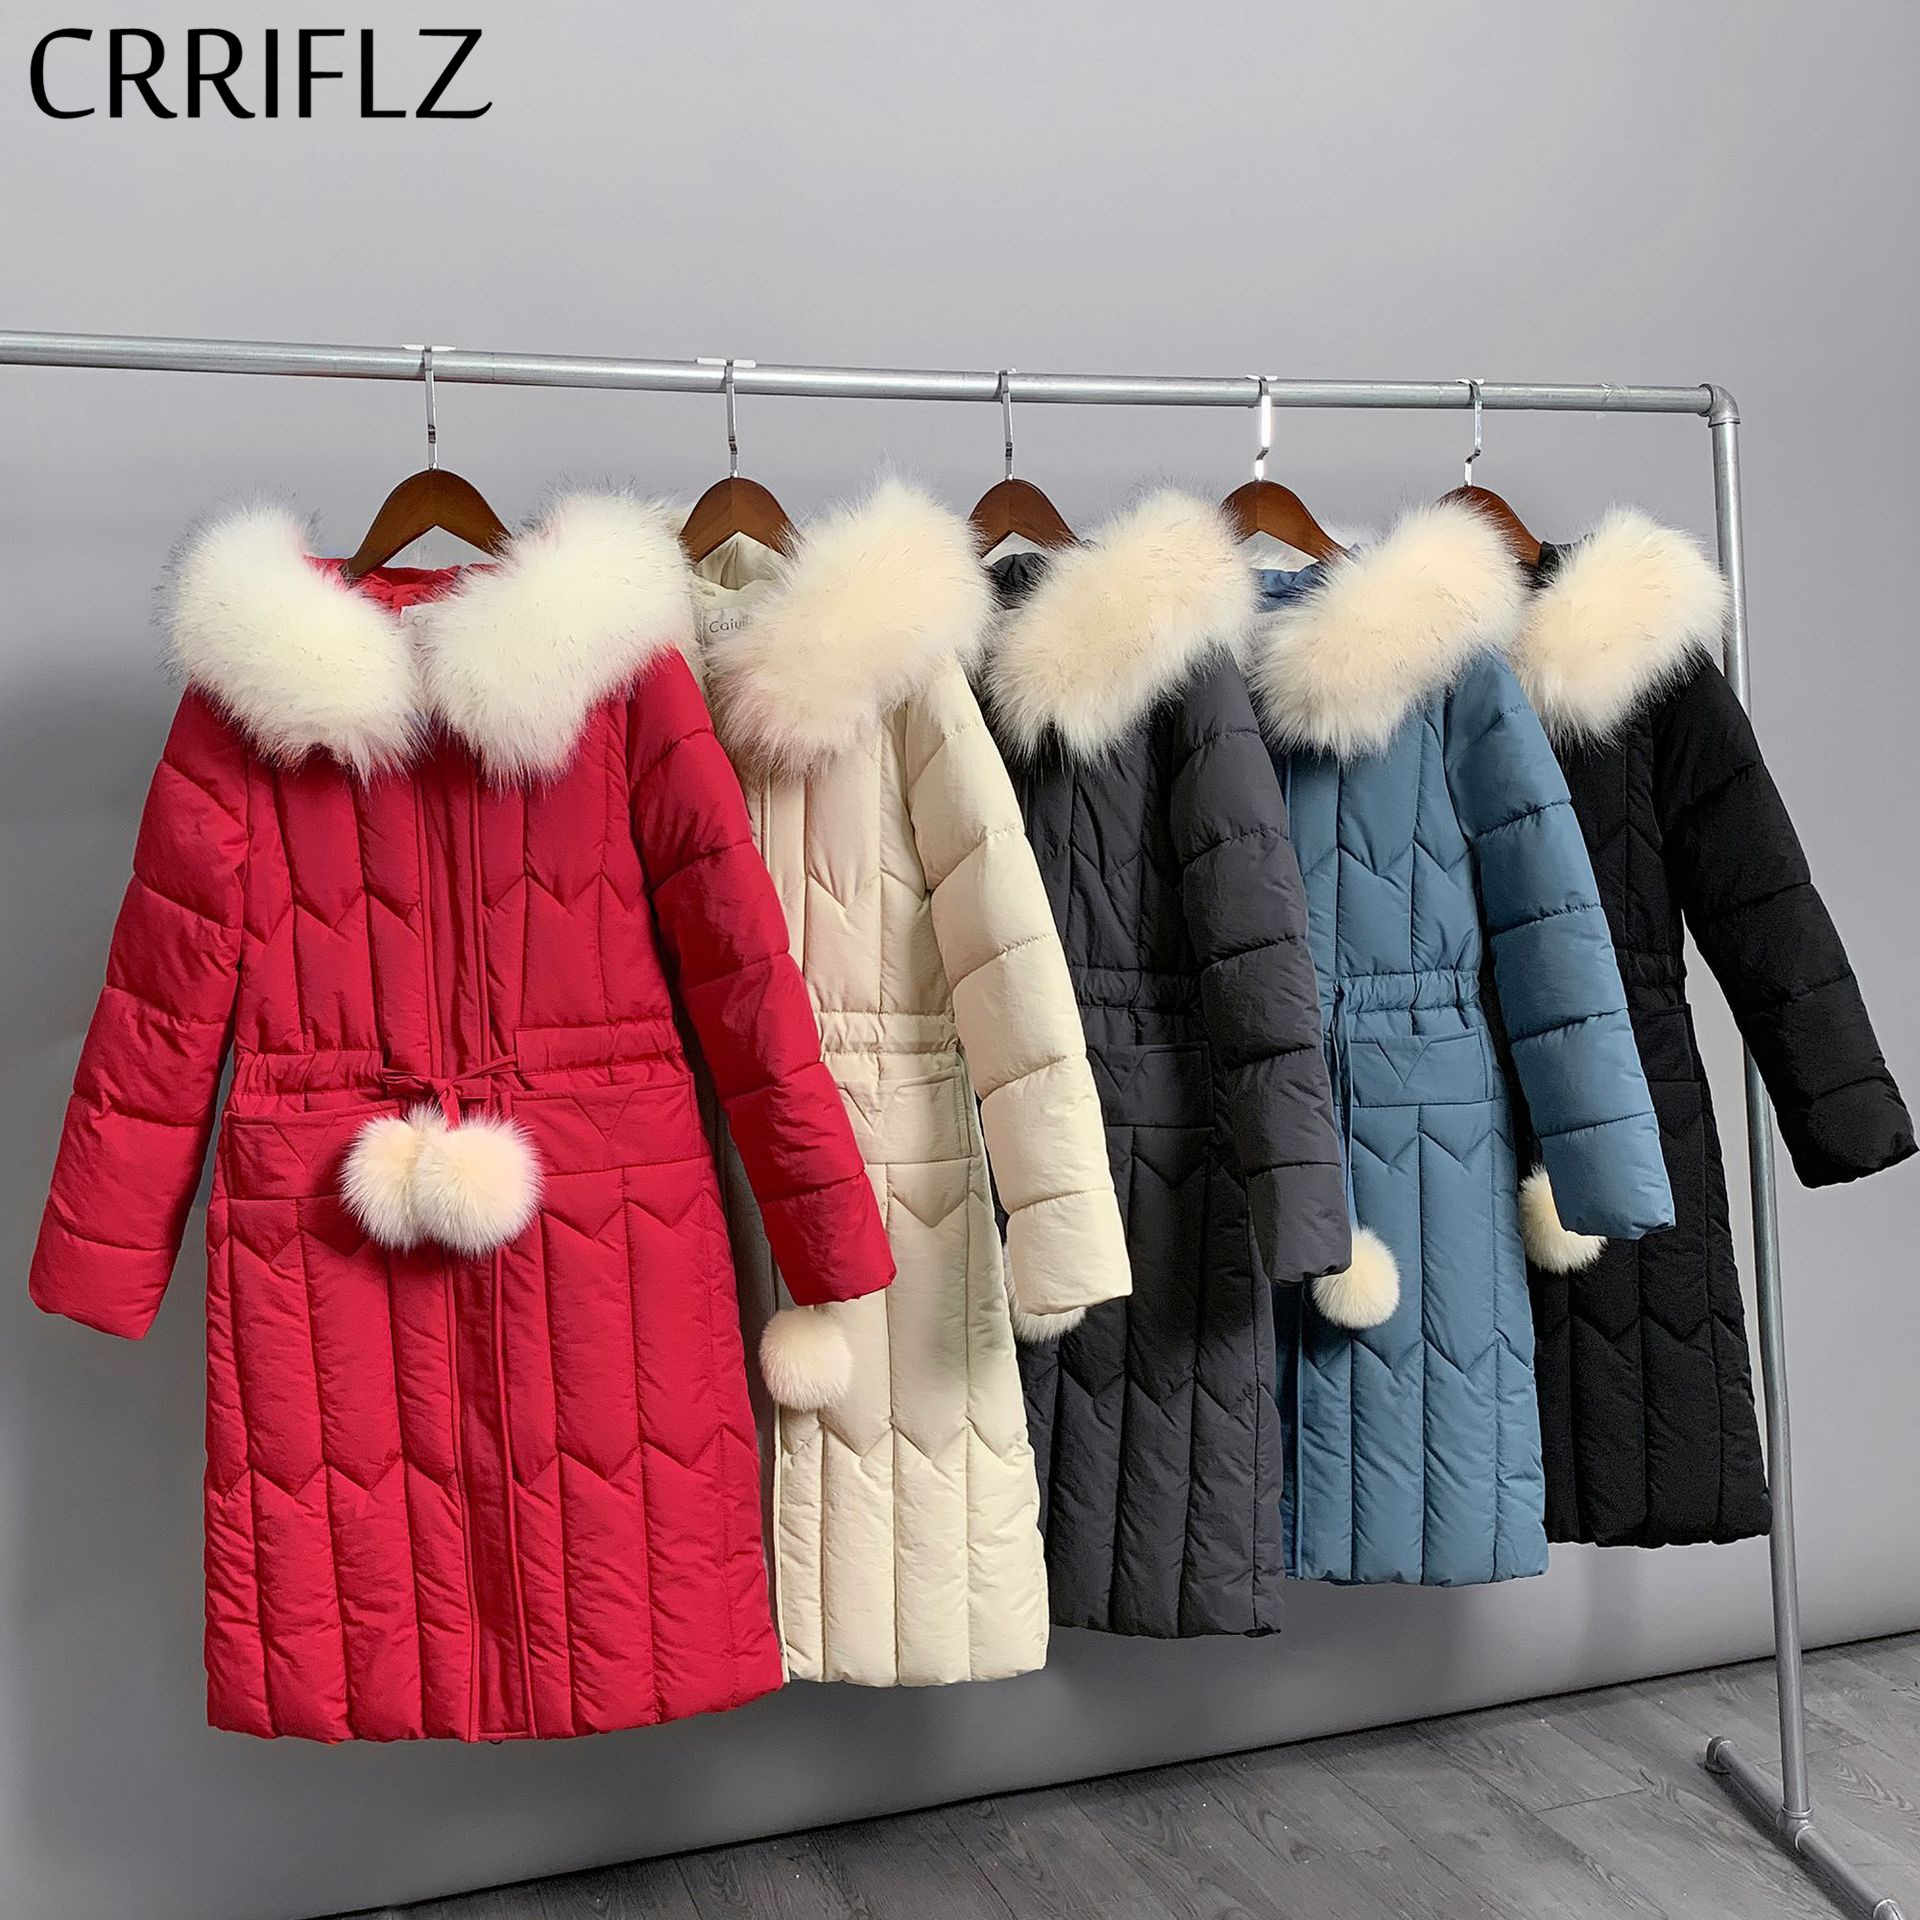 Solide fourrure col femmes veste d'hiver Long Parkas automne veste femmes chaud à capuche manteau CRRIFLZ 2019 nouvelle Collection d'hiver